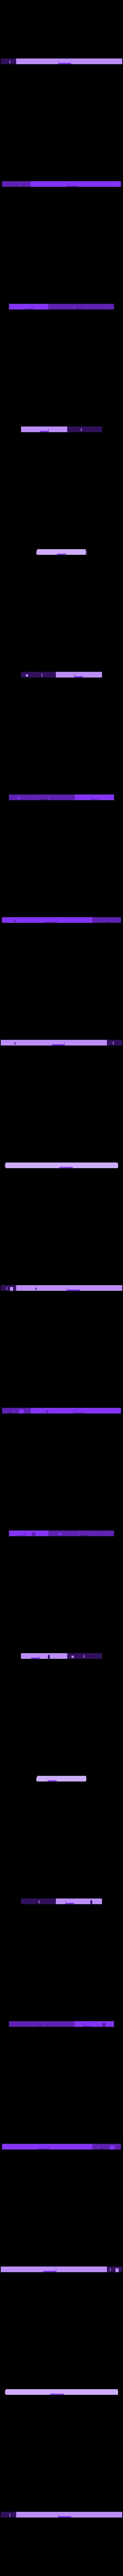 tyl.stl Télécharger fichier STL gratuit Housse Sensirion SHT31 • Design pour impression 3D, kpawel